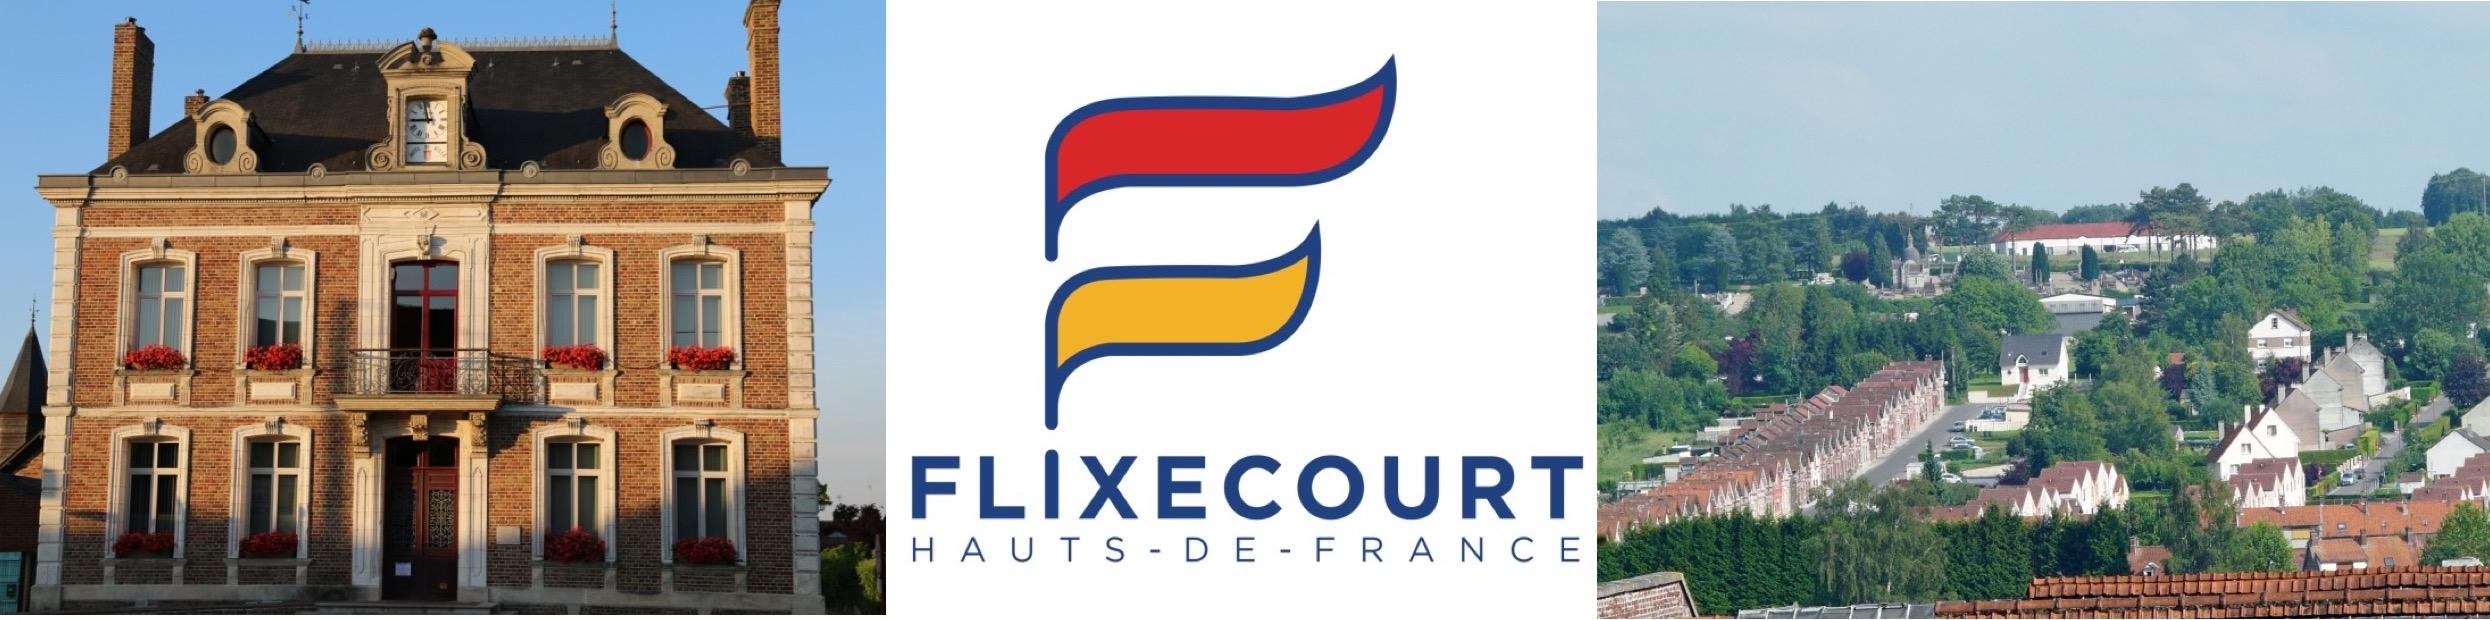 Mairie de Flixecourt